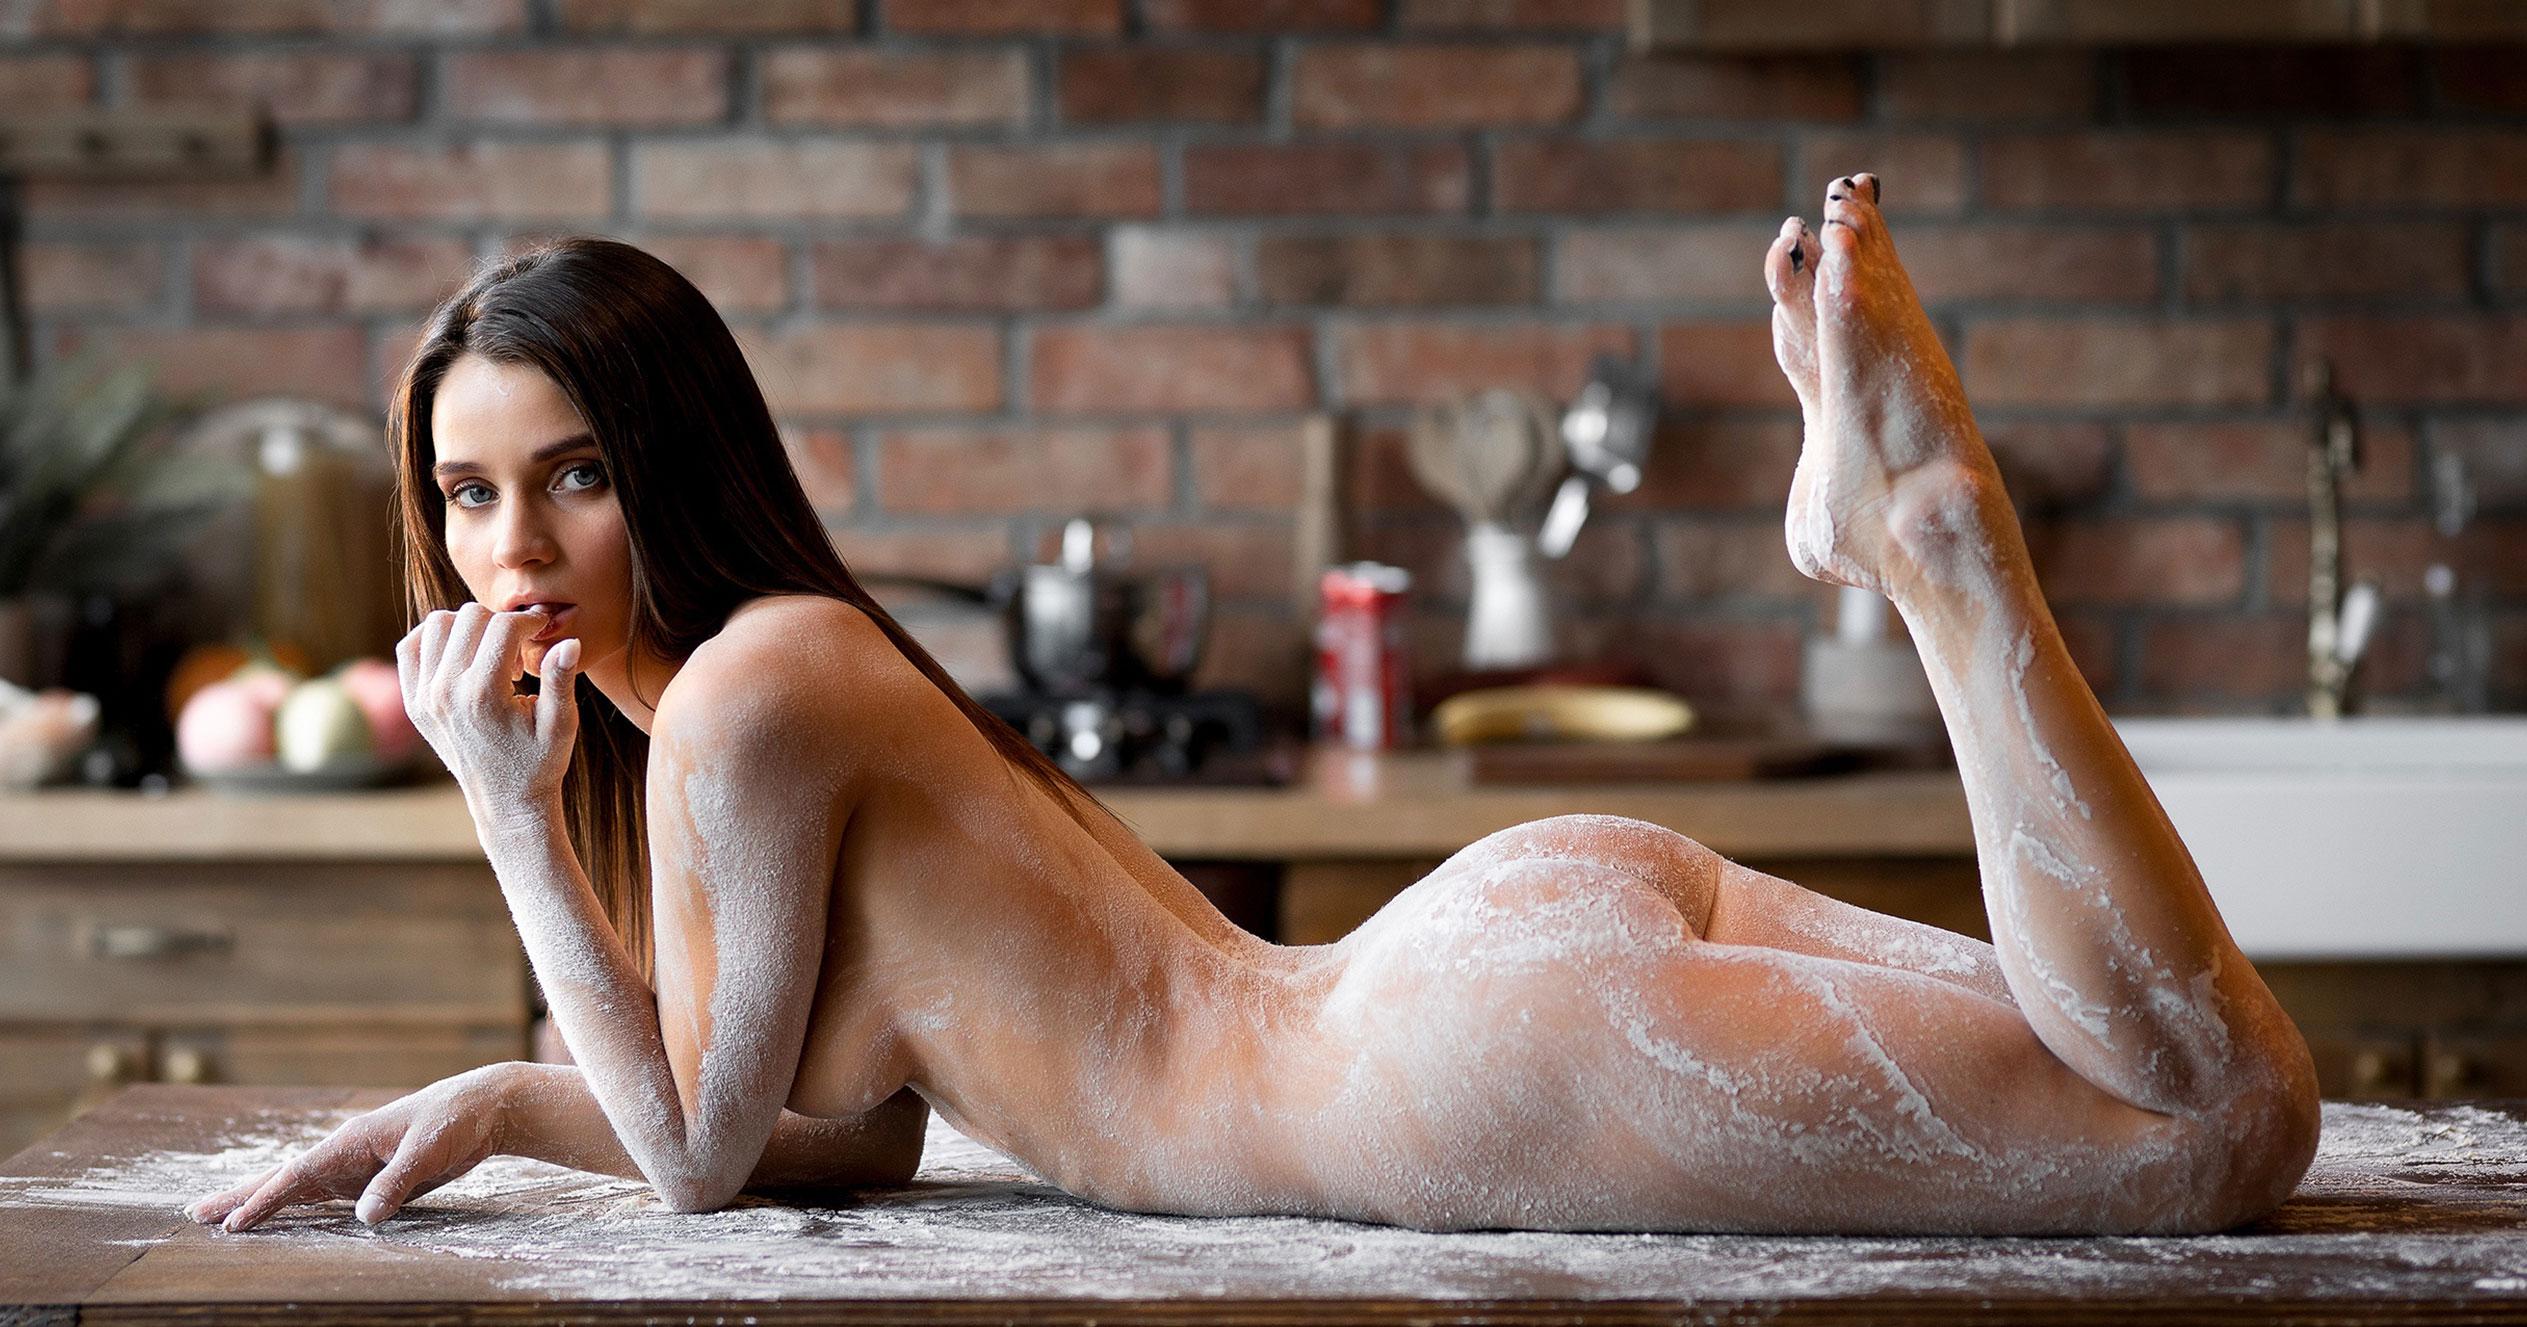 Кухня мечты - голая Кристина Макарова готовит из муки и фруктов / фото 14